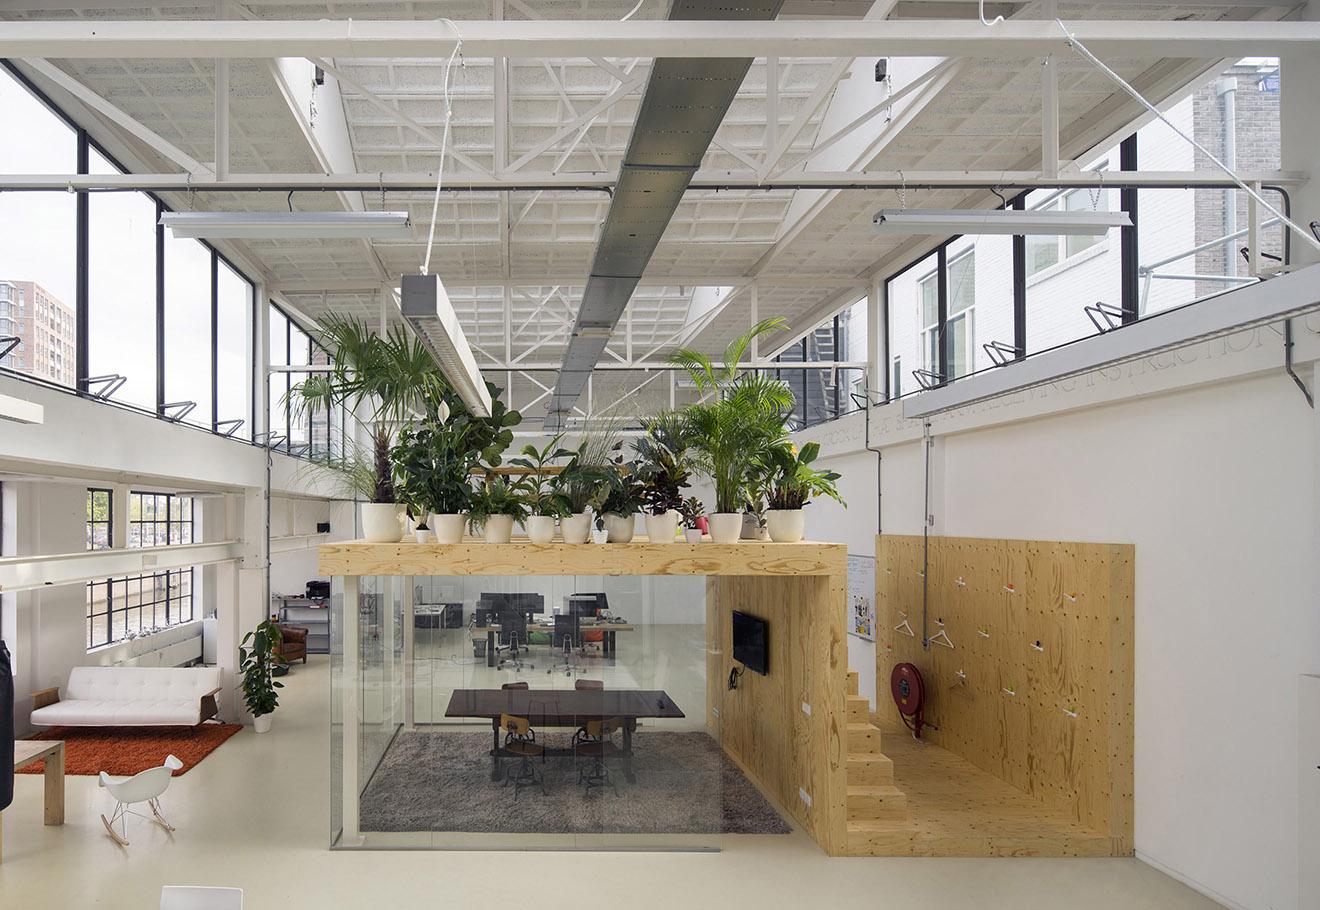 室內屋頂小花圃,「屋中屋」設計辦公室:荷蘭工作室 JvantSpijker 作品